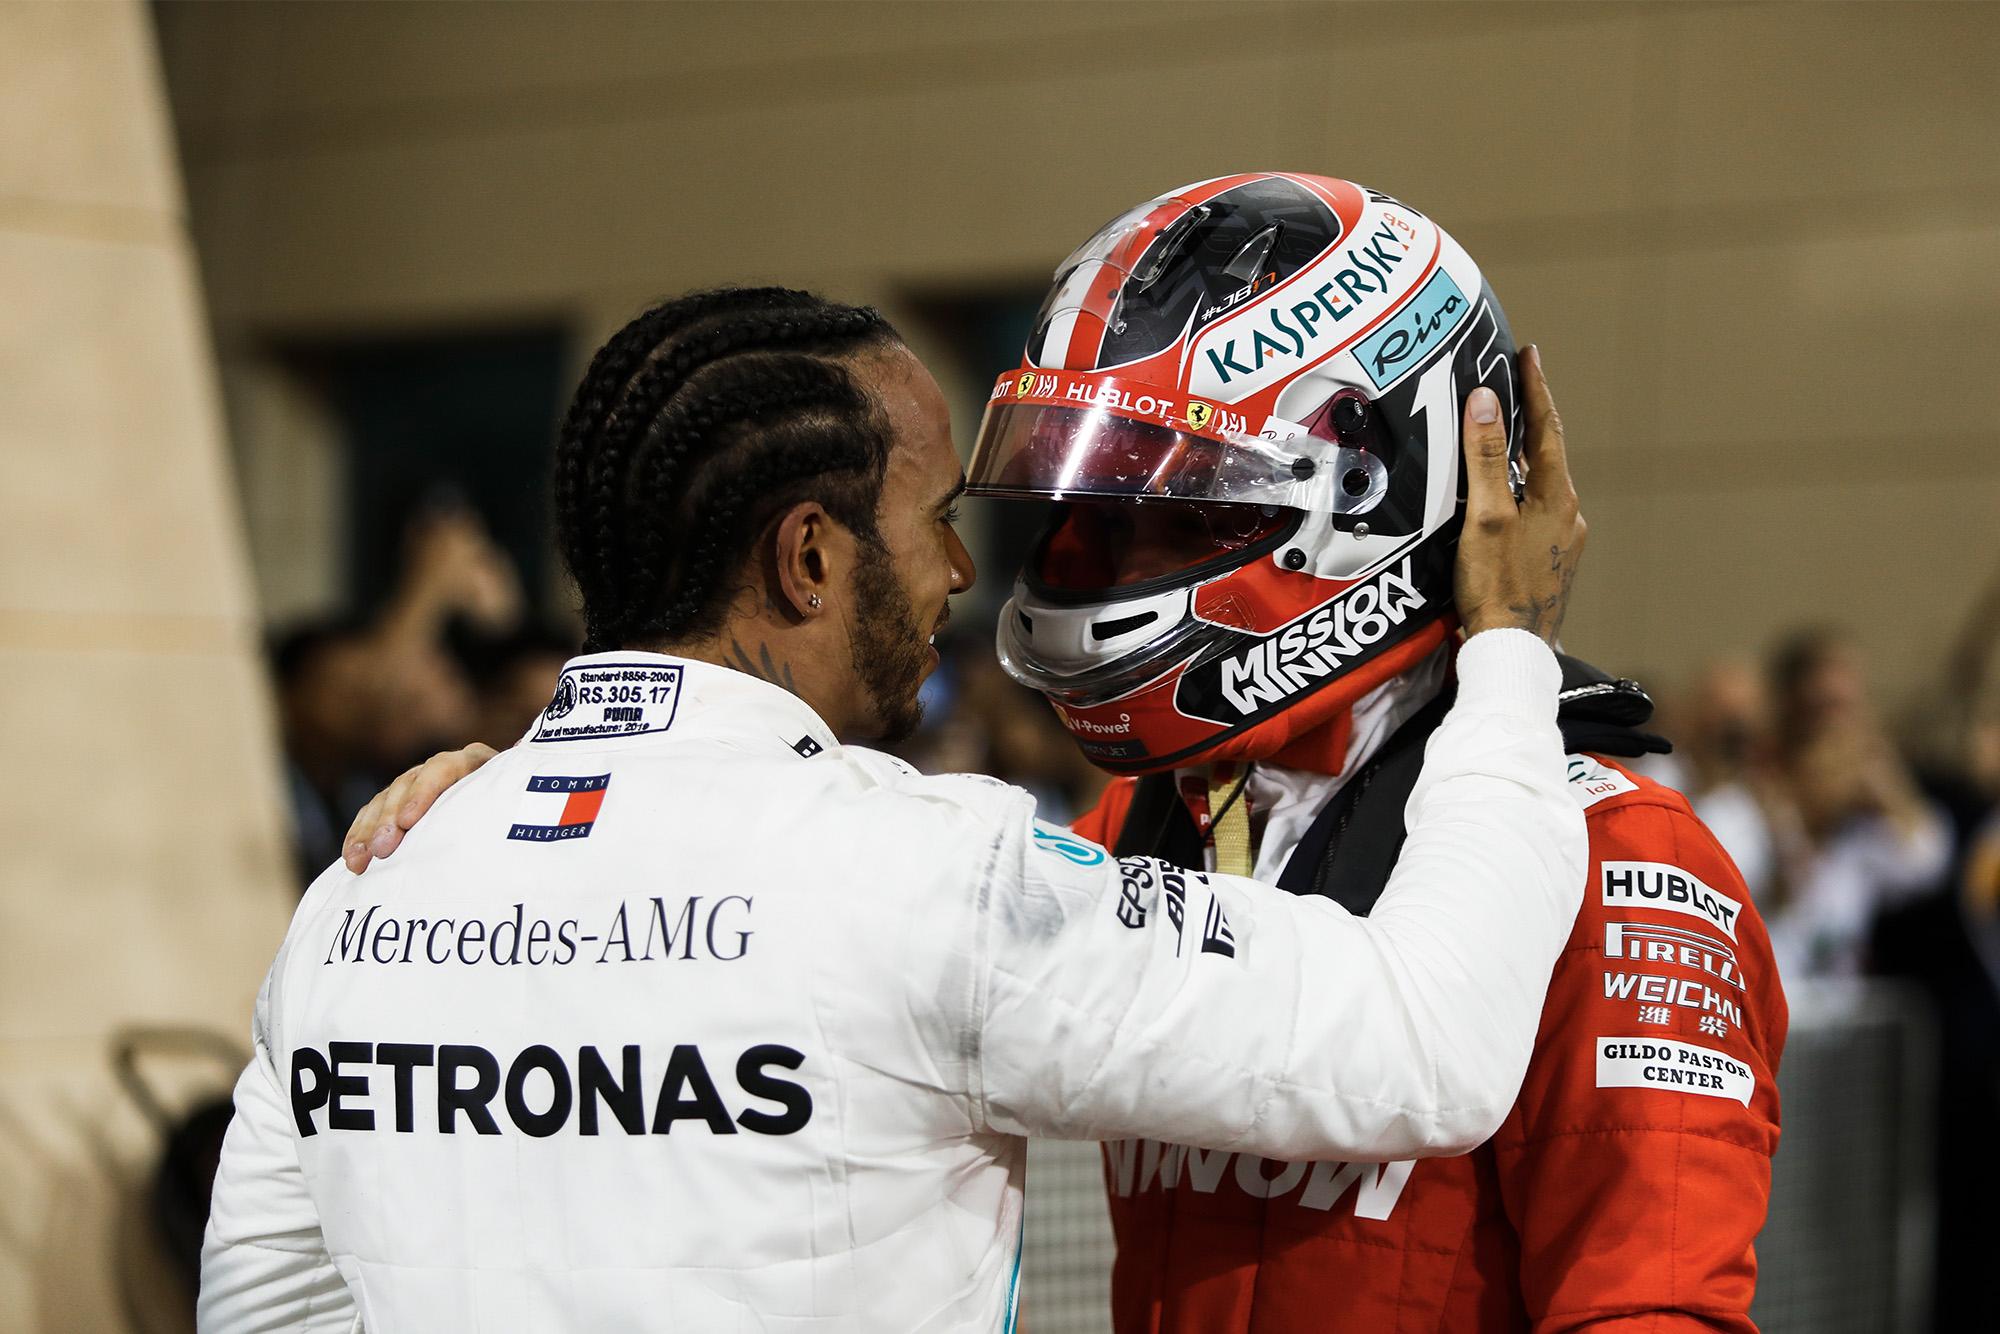 Lewis Hamilton embraces Charles Leclerc after the Bahrain Grand Prix